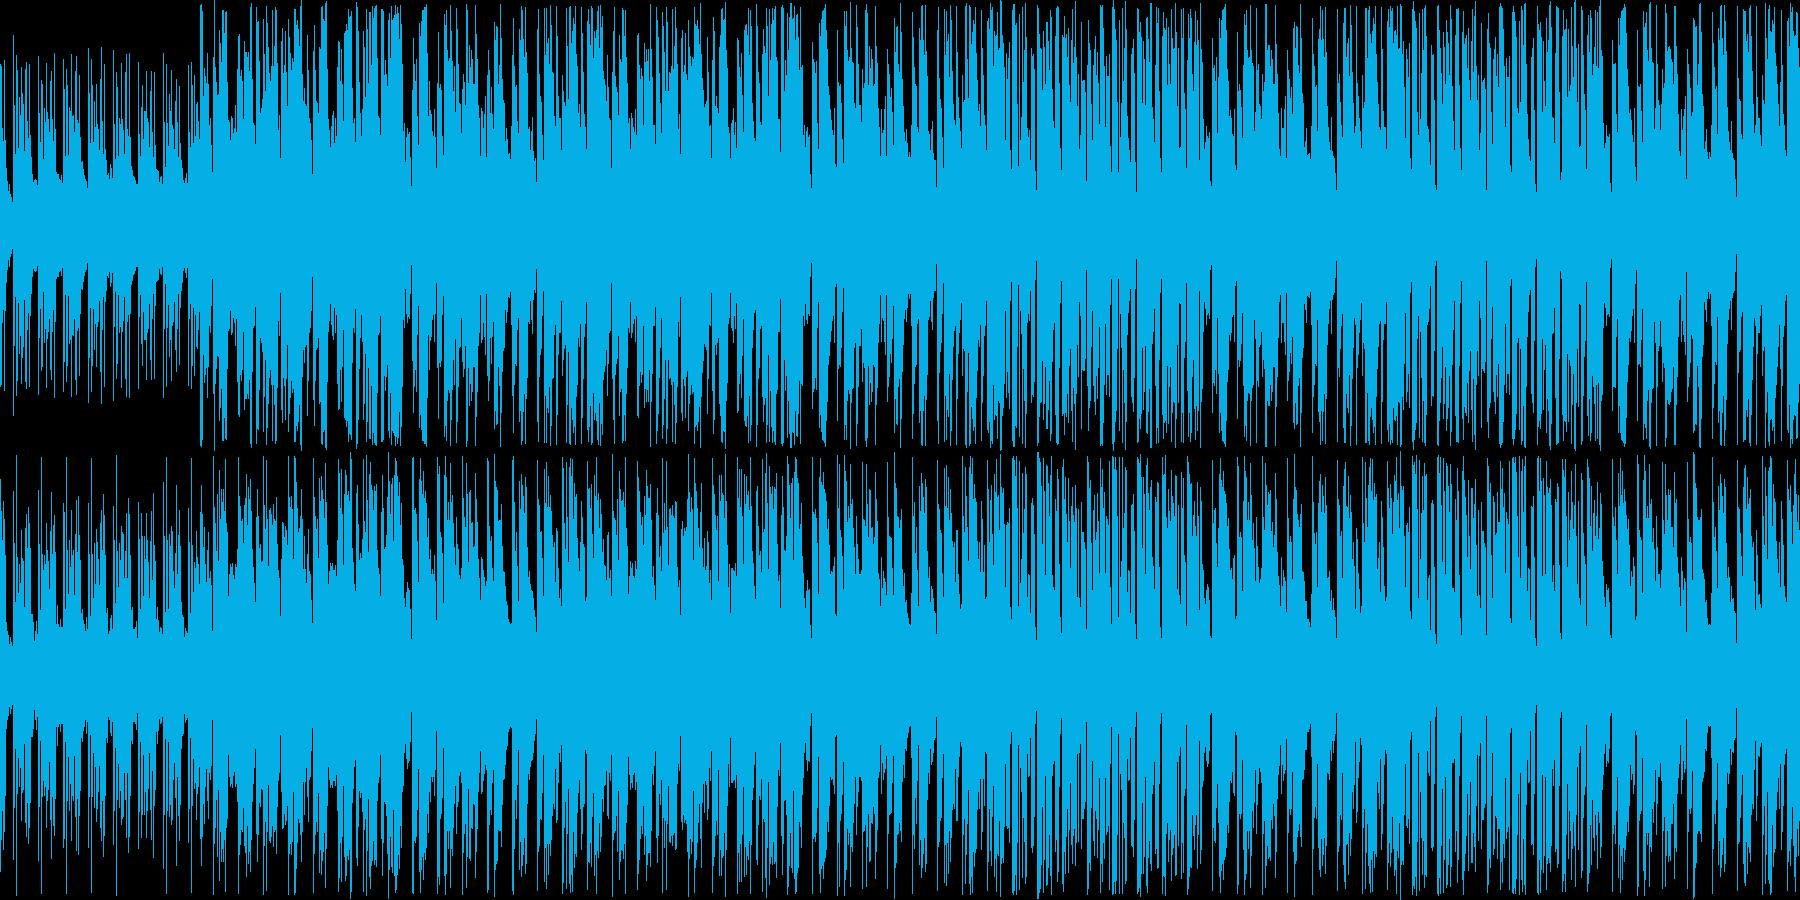 【軽快ピアノファンク】の再生済みの波形